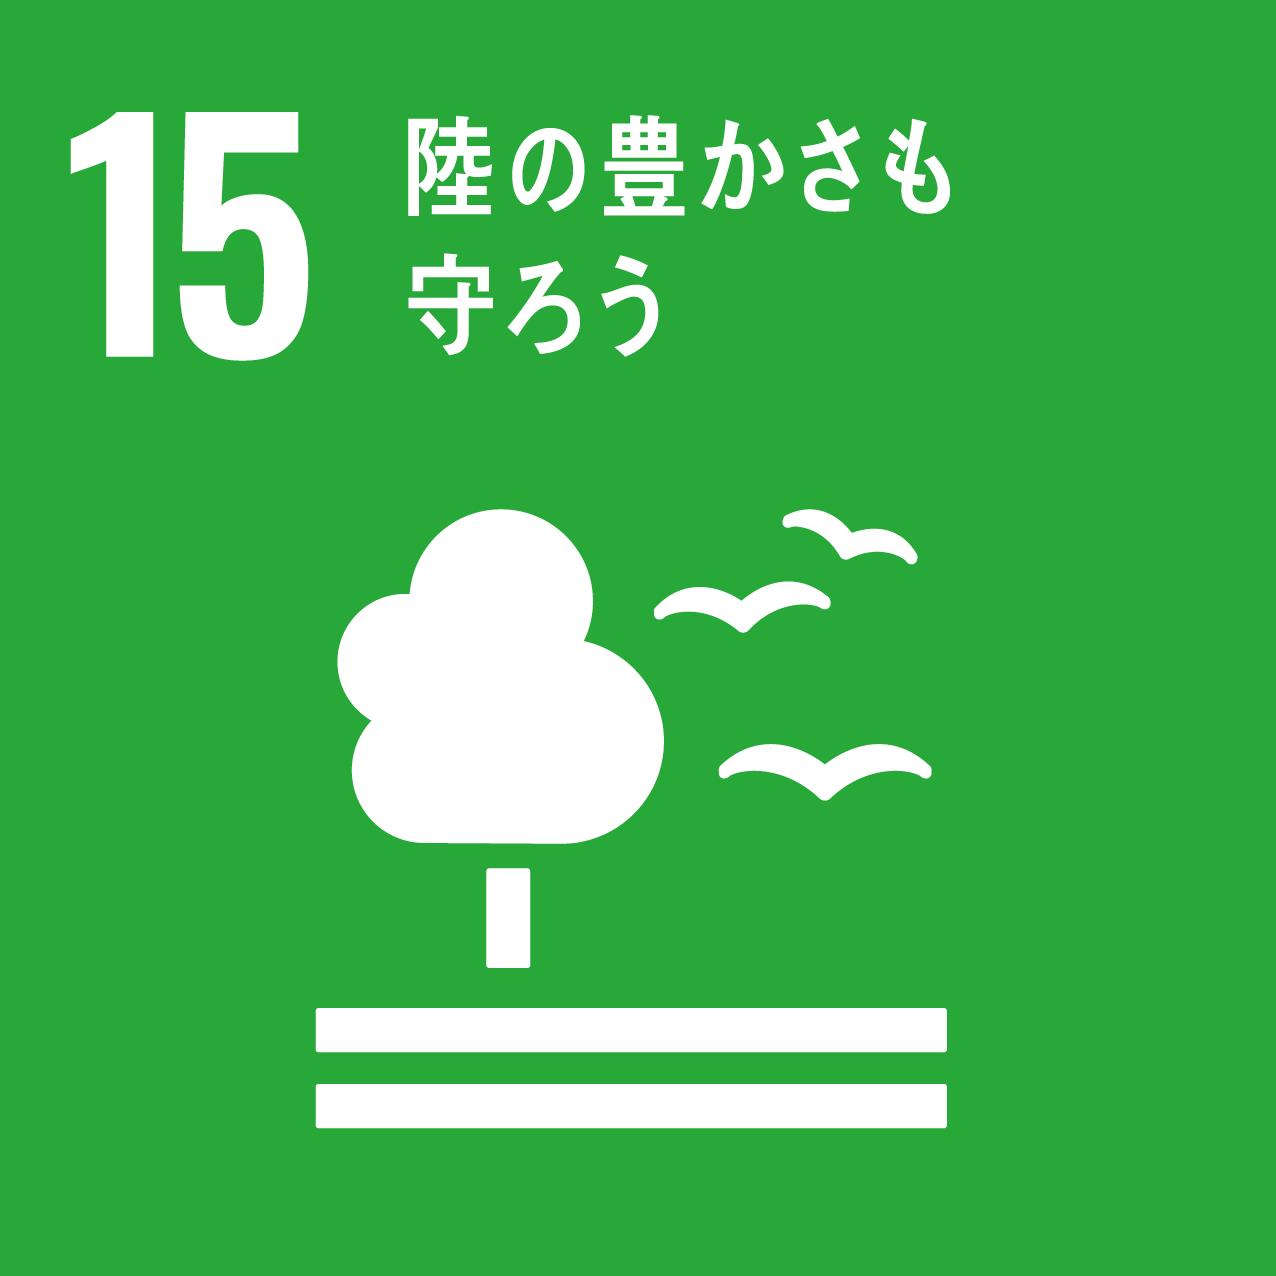 SDG's icon No15